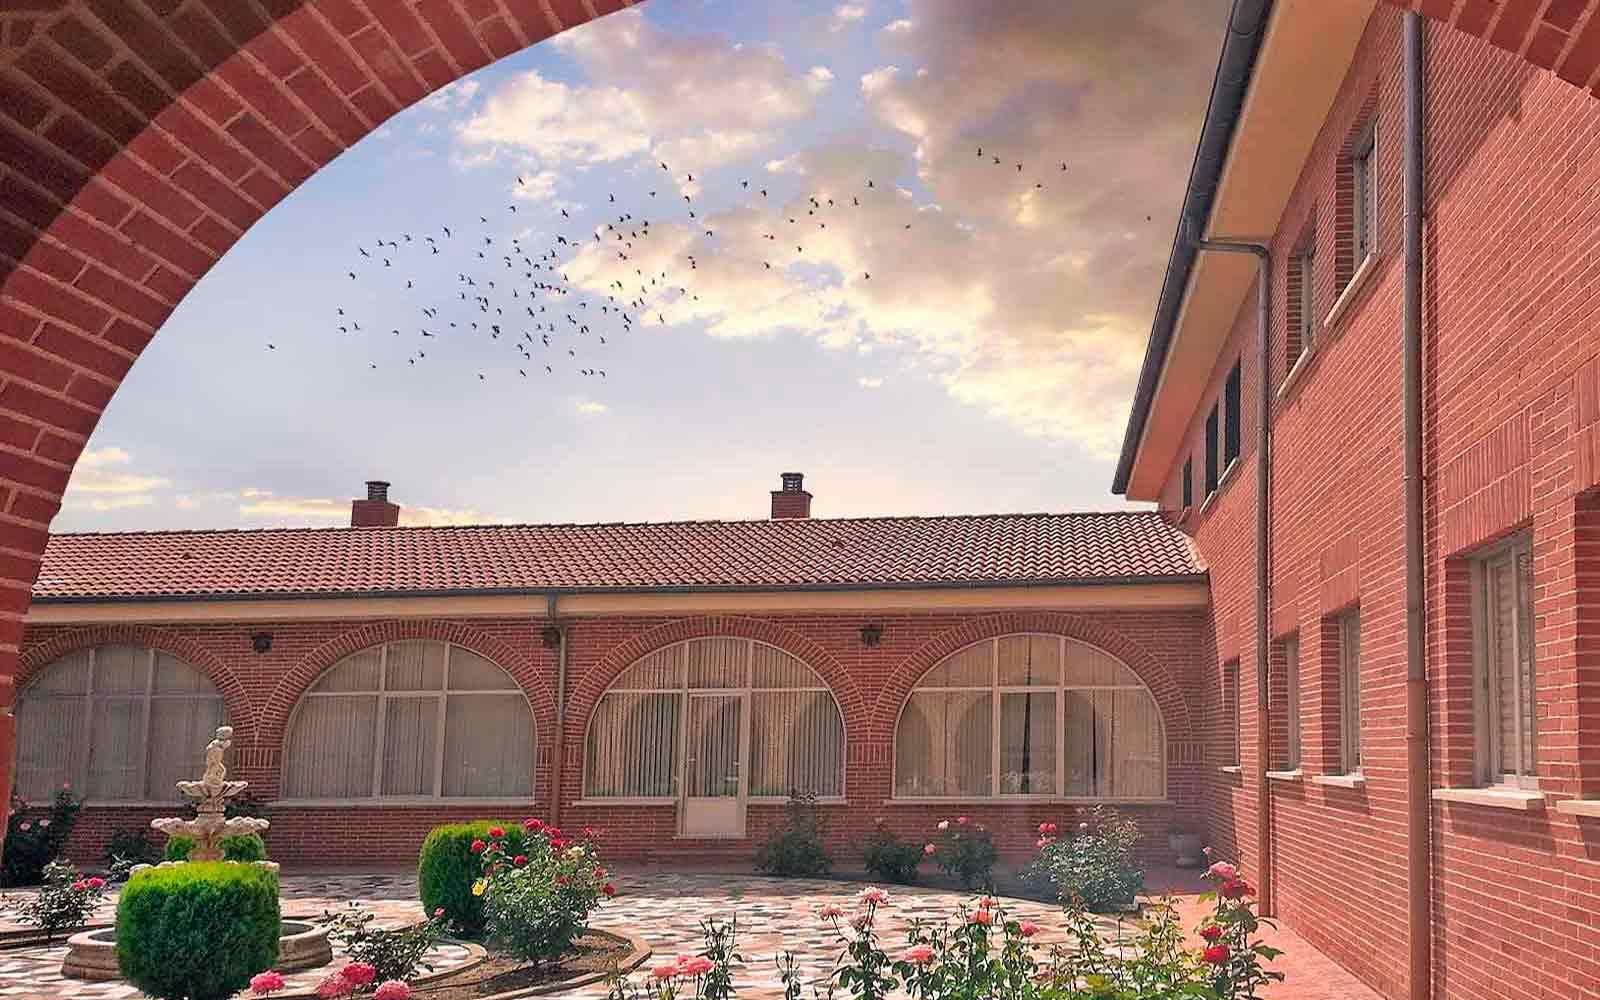 Patio interior de la casa de espiritualidad Carmelita de Ávila